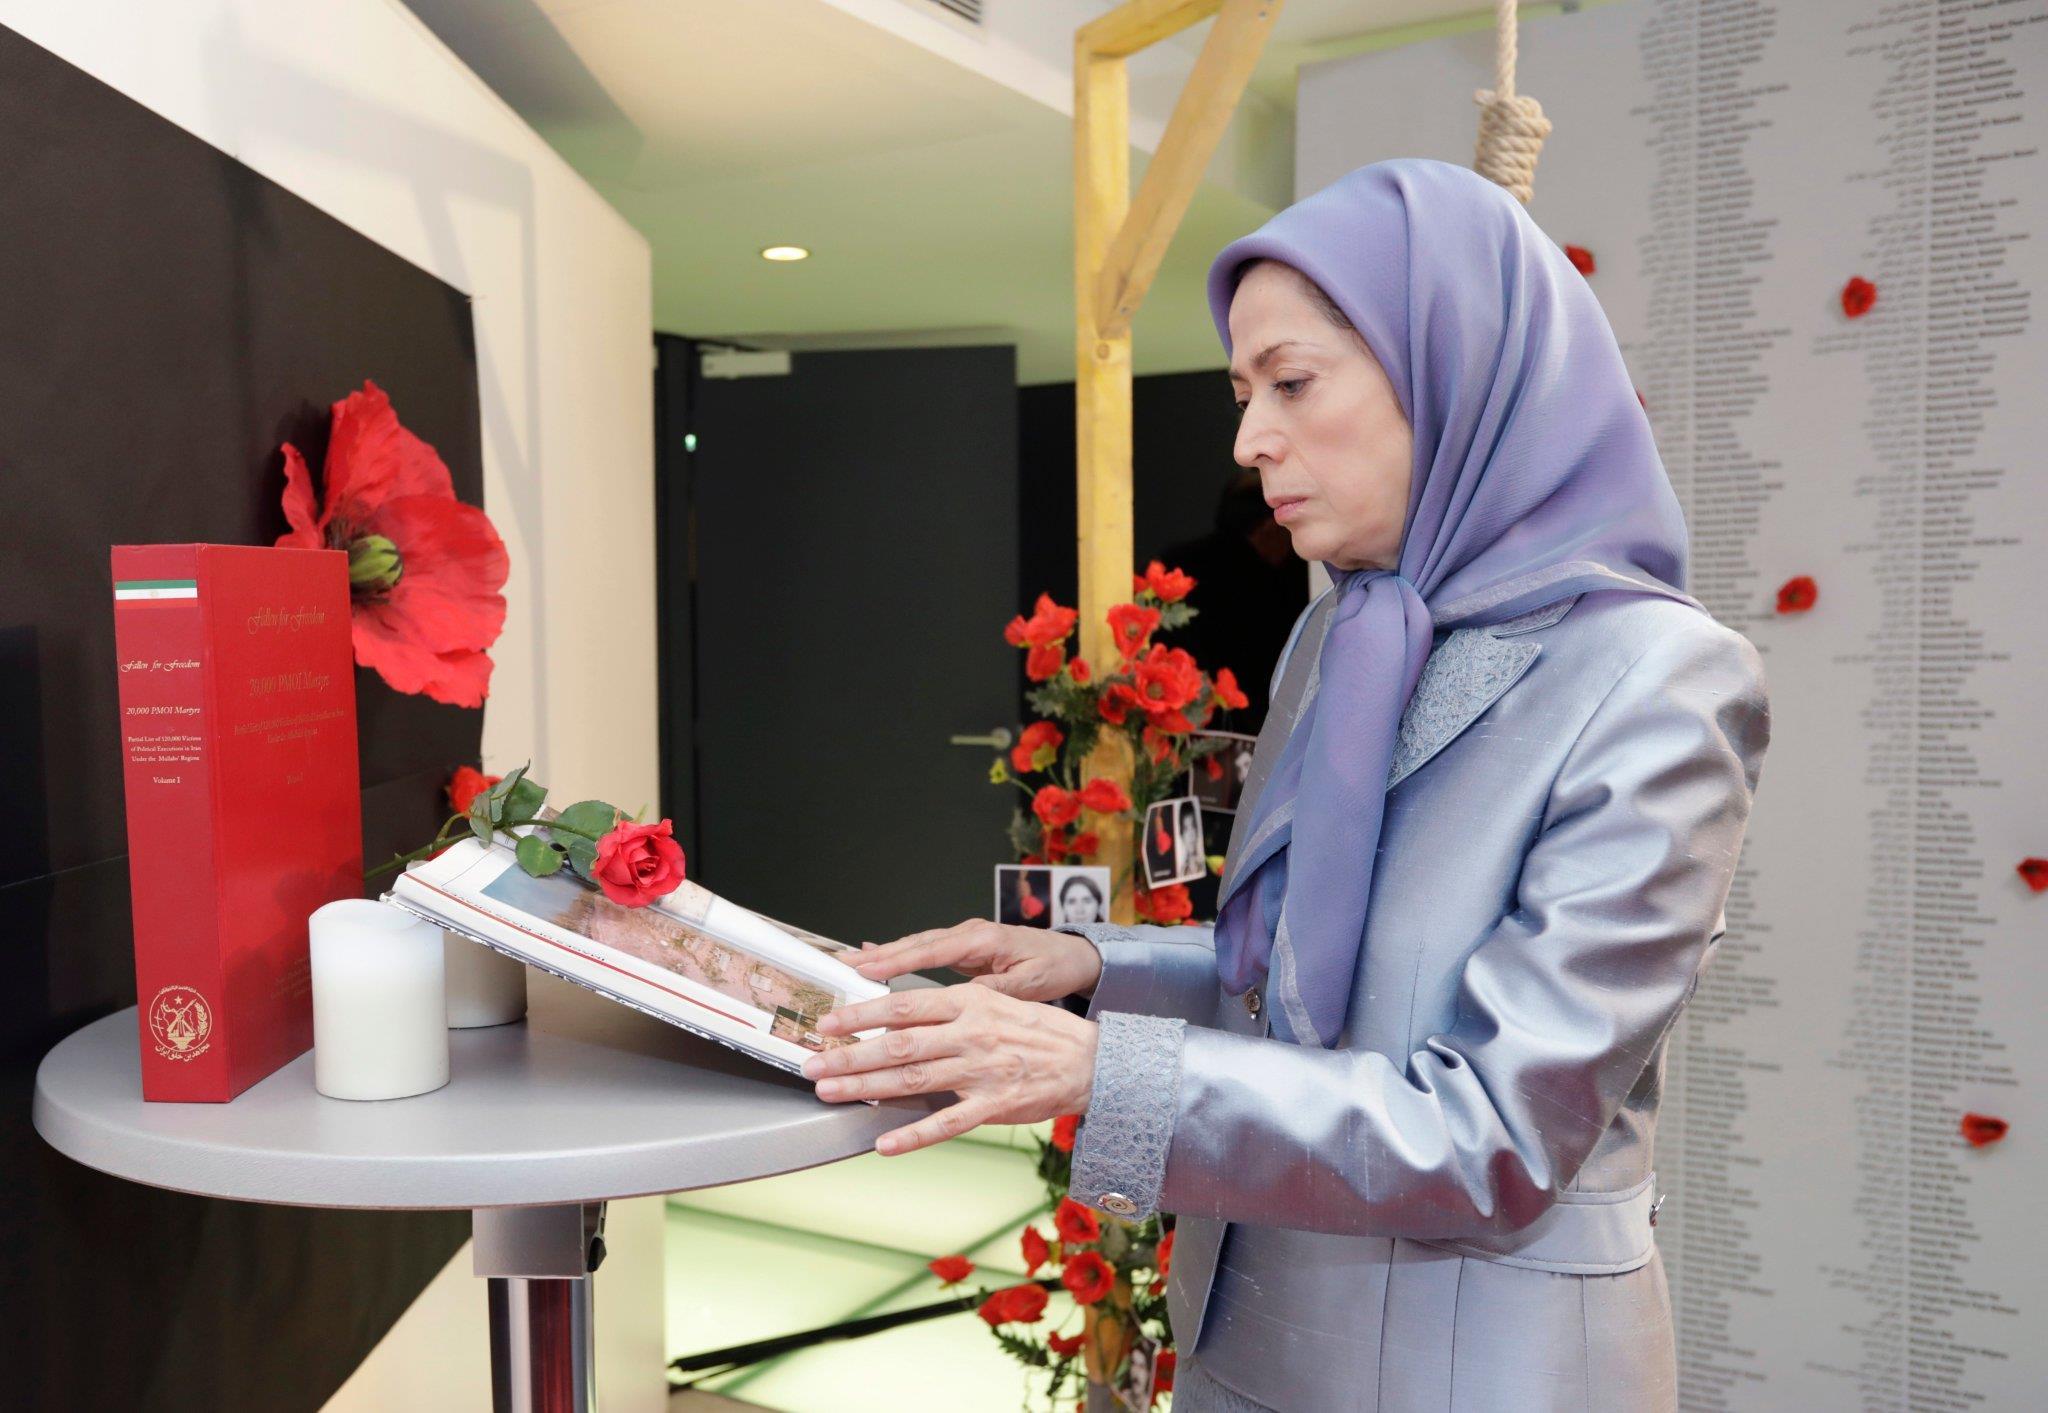 سخنرانی مریم رجوی در کنفرانس «رژیم آخوندی در محاصره بحرانها»